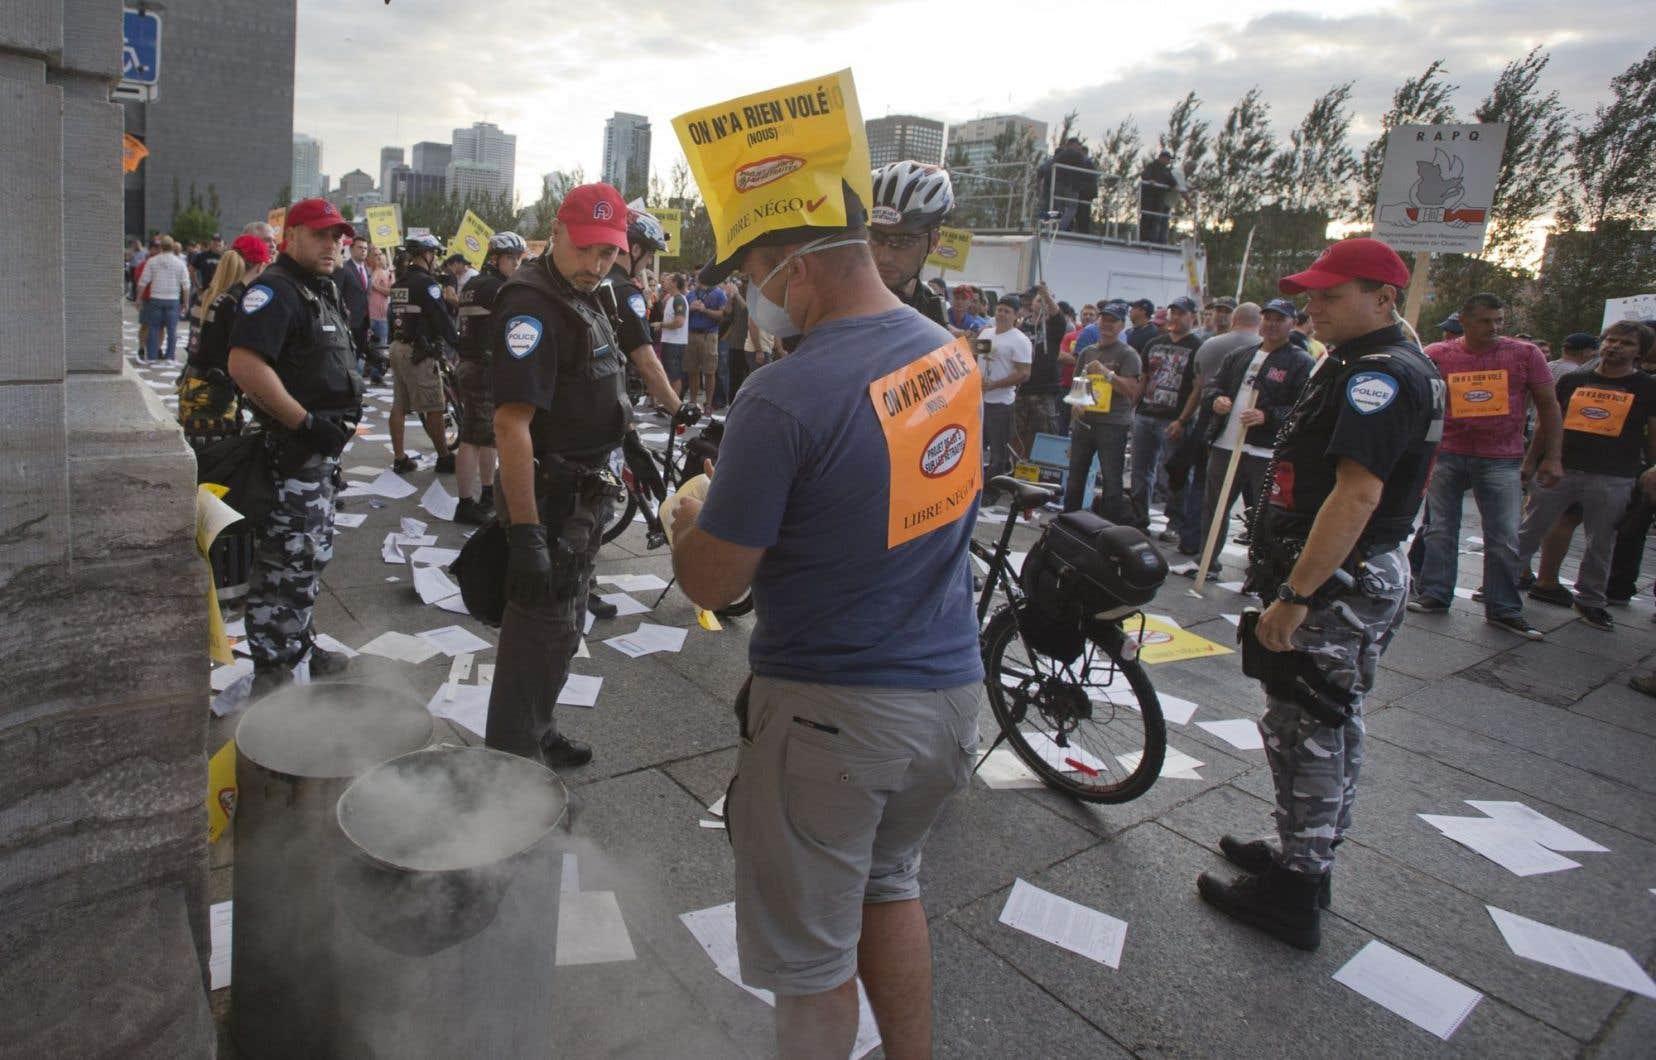 Des centaines de syndiqués opposés à la réforme des régimes de retraite avaient envahi la salle du conseil municipal de Montréal le 18 août, semant le désordre à l'hôtel de ville.